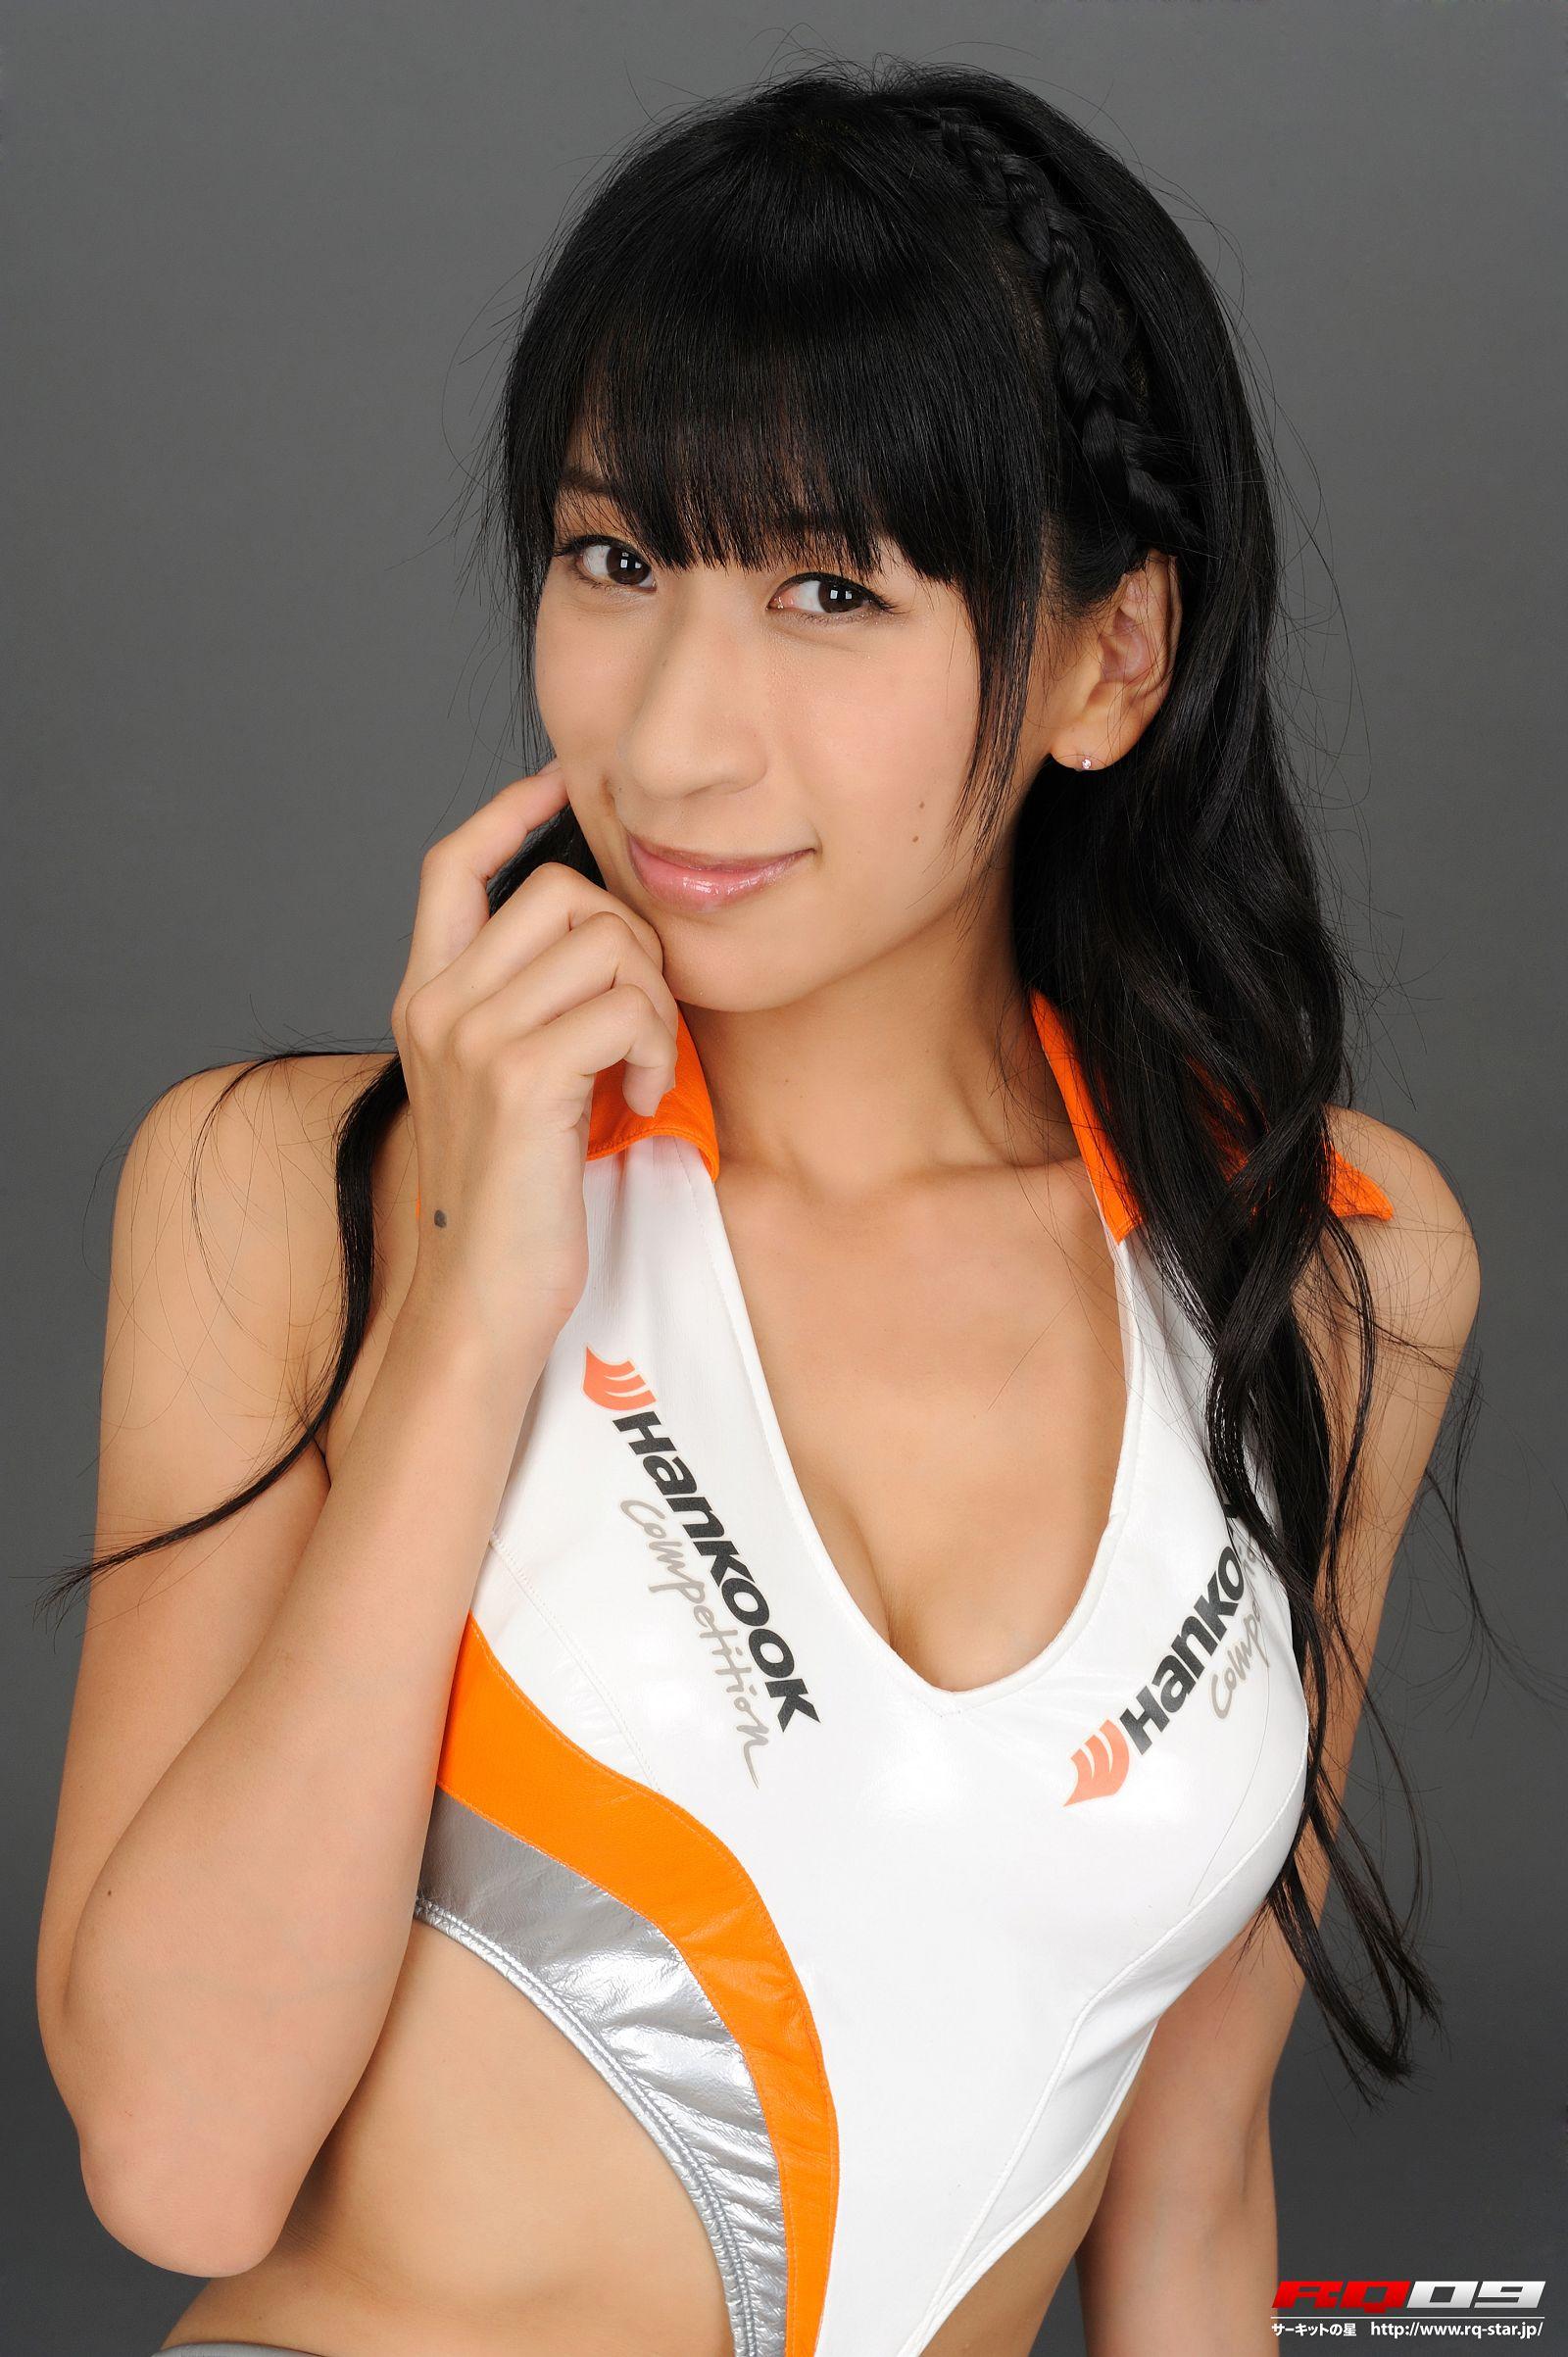 [RQ STAR美女] NO.0215 Hiroko Yoshino よしのひろこ Race Queen[108P] RQ STAR 第4张